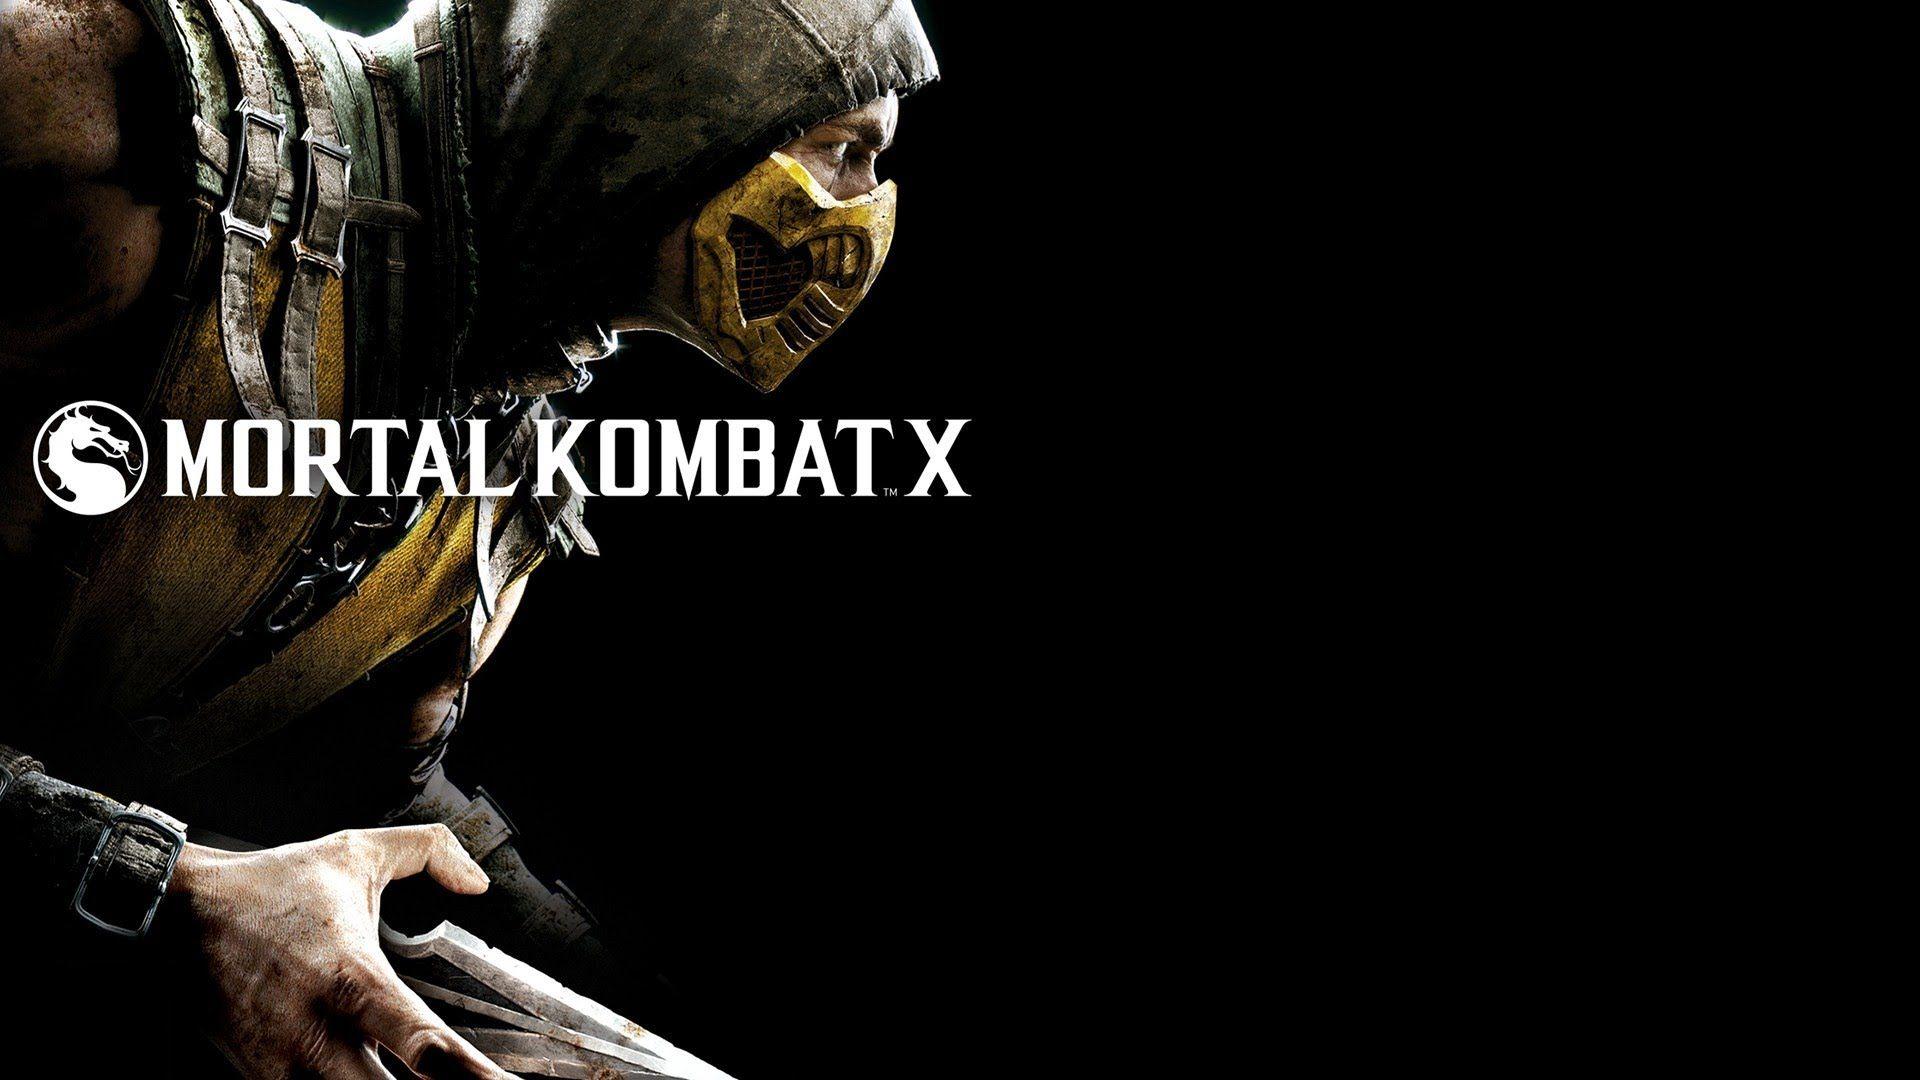 Игры для двоих на одном ноутбуке. Mortal Kombat X